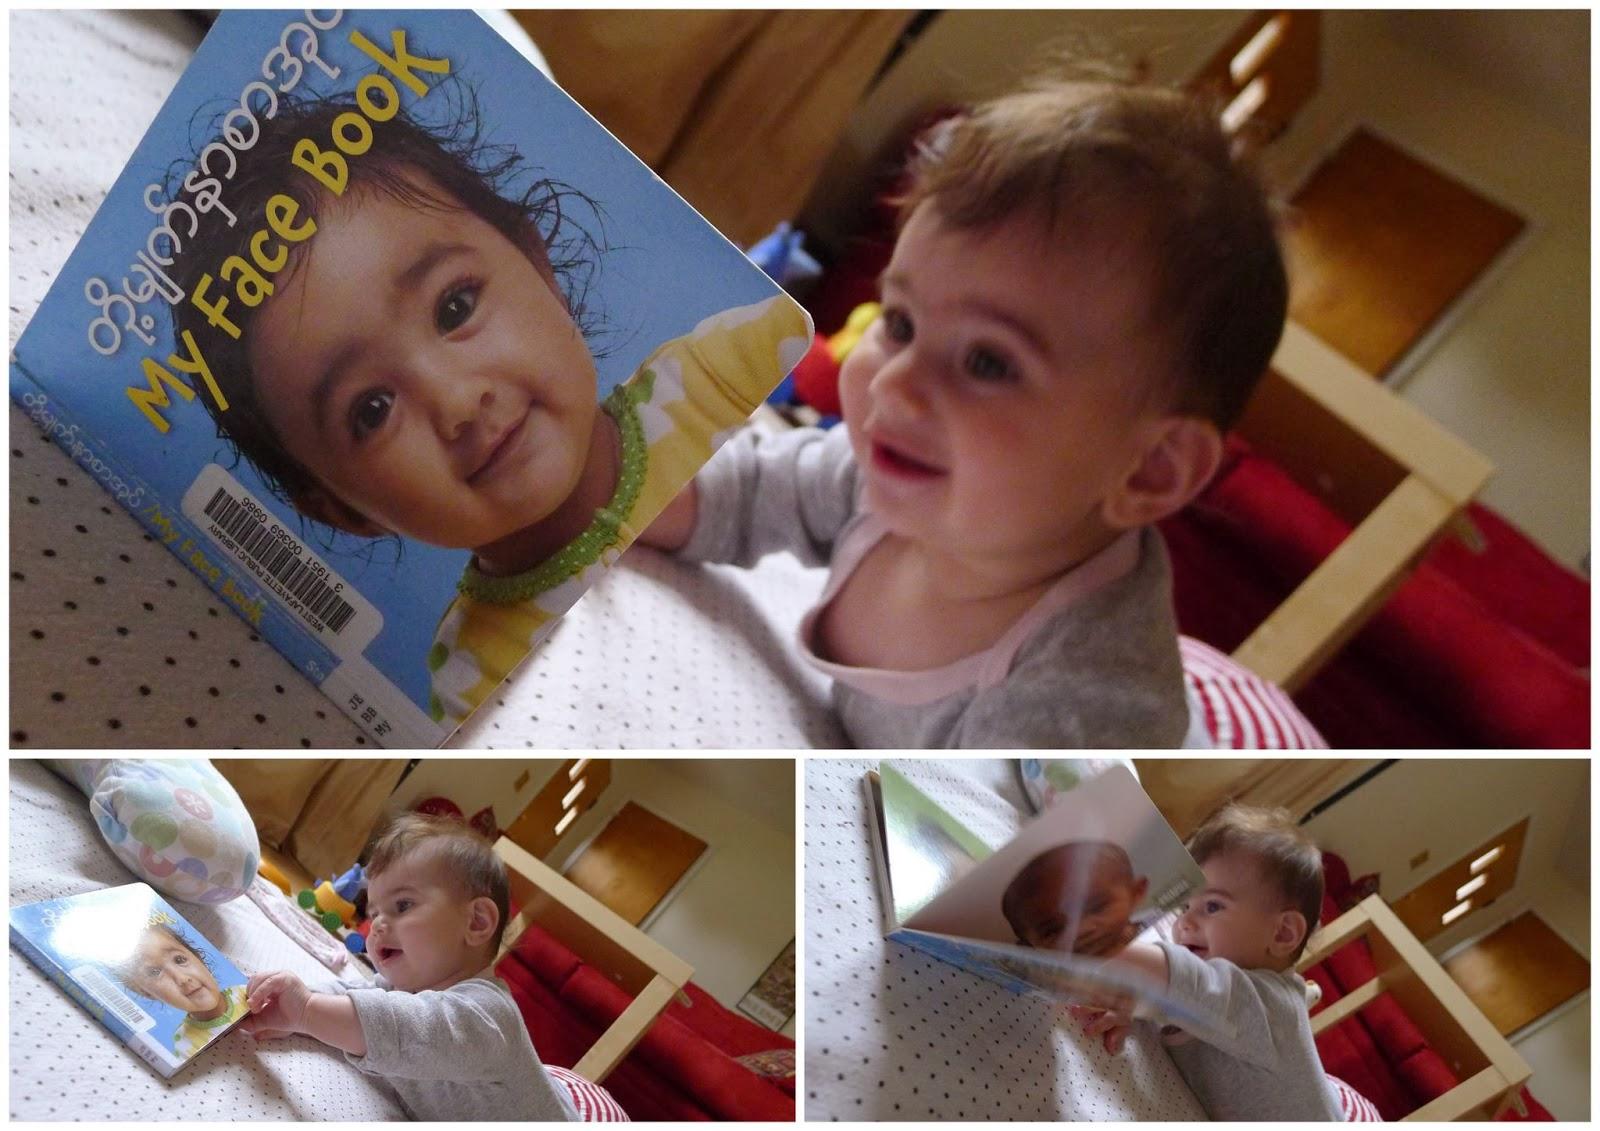 6 aylıkken konuşmaya, 17 aylıkken okumaya başladı